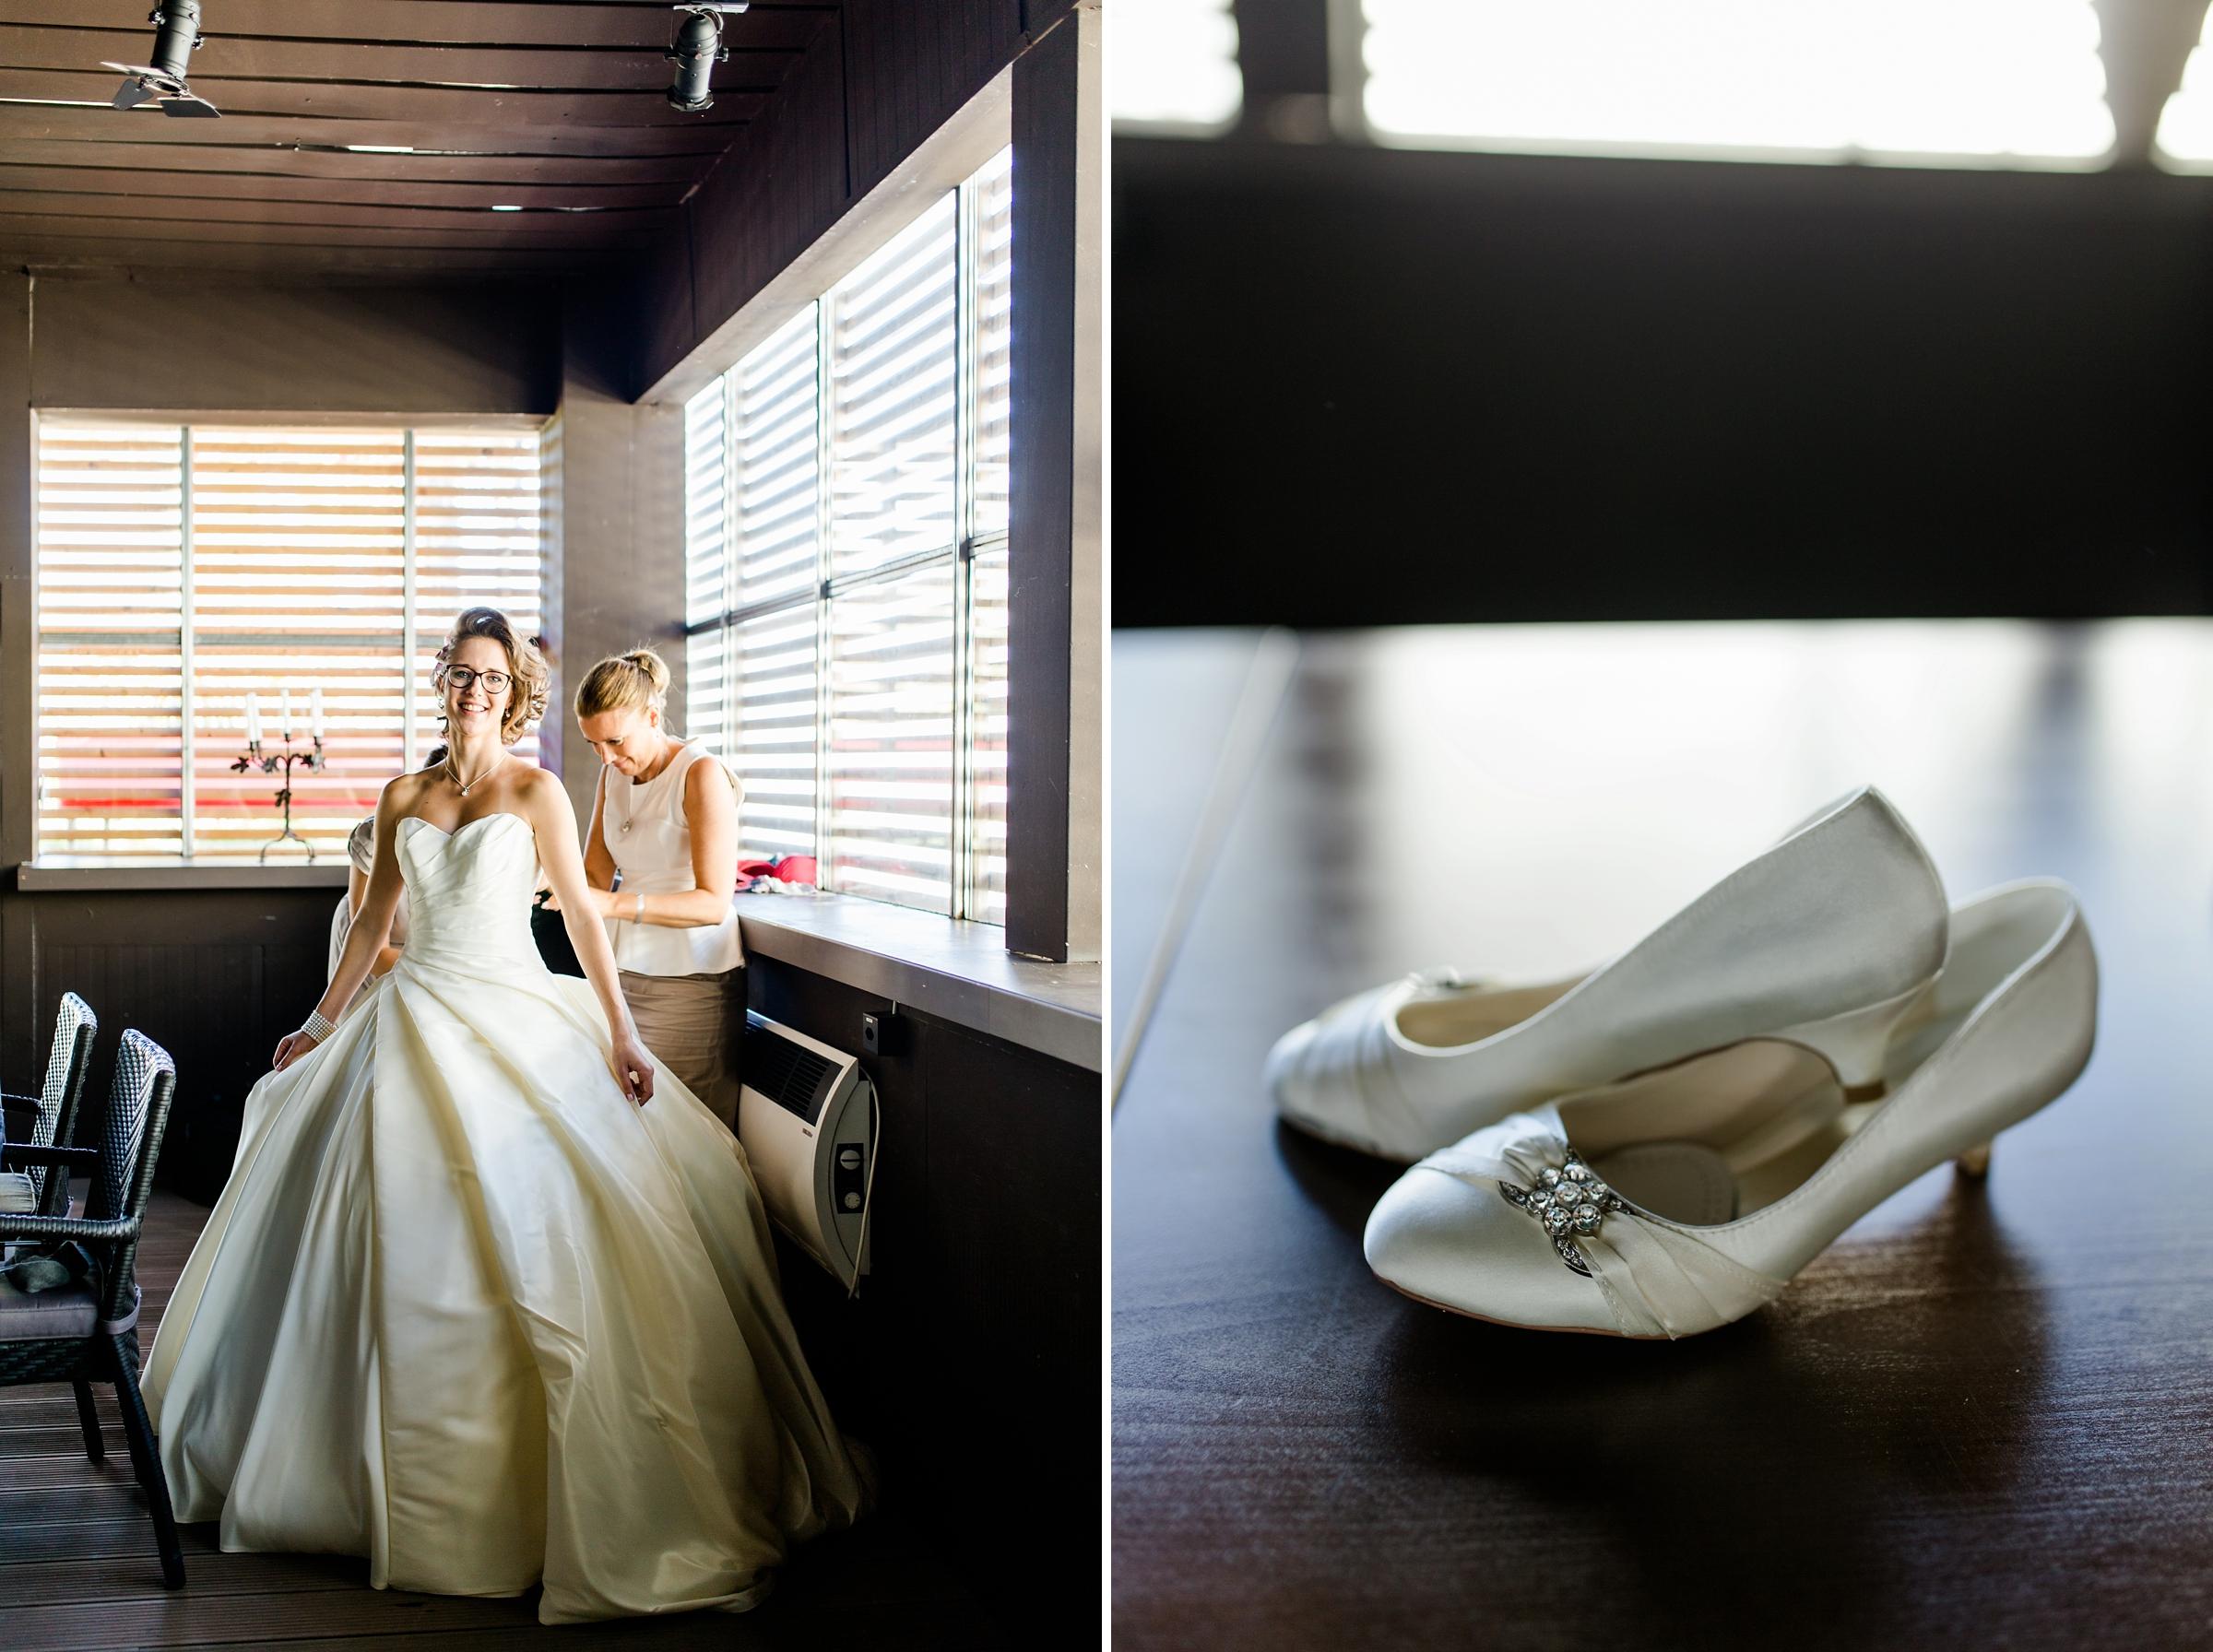 Hochzeitsreportage-Zuerich-Braut-Getting-Ready-Brautkleid-Brautschuhe-Giardino-Verde-Uitikon